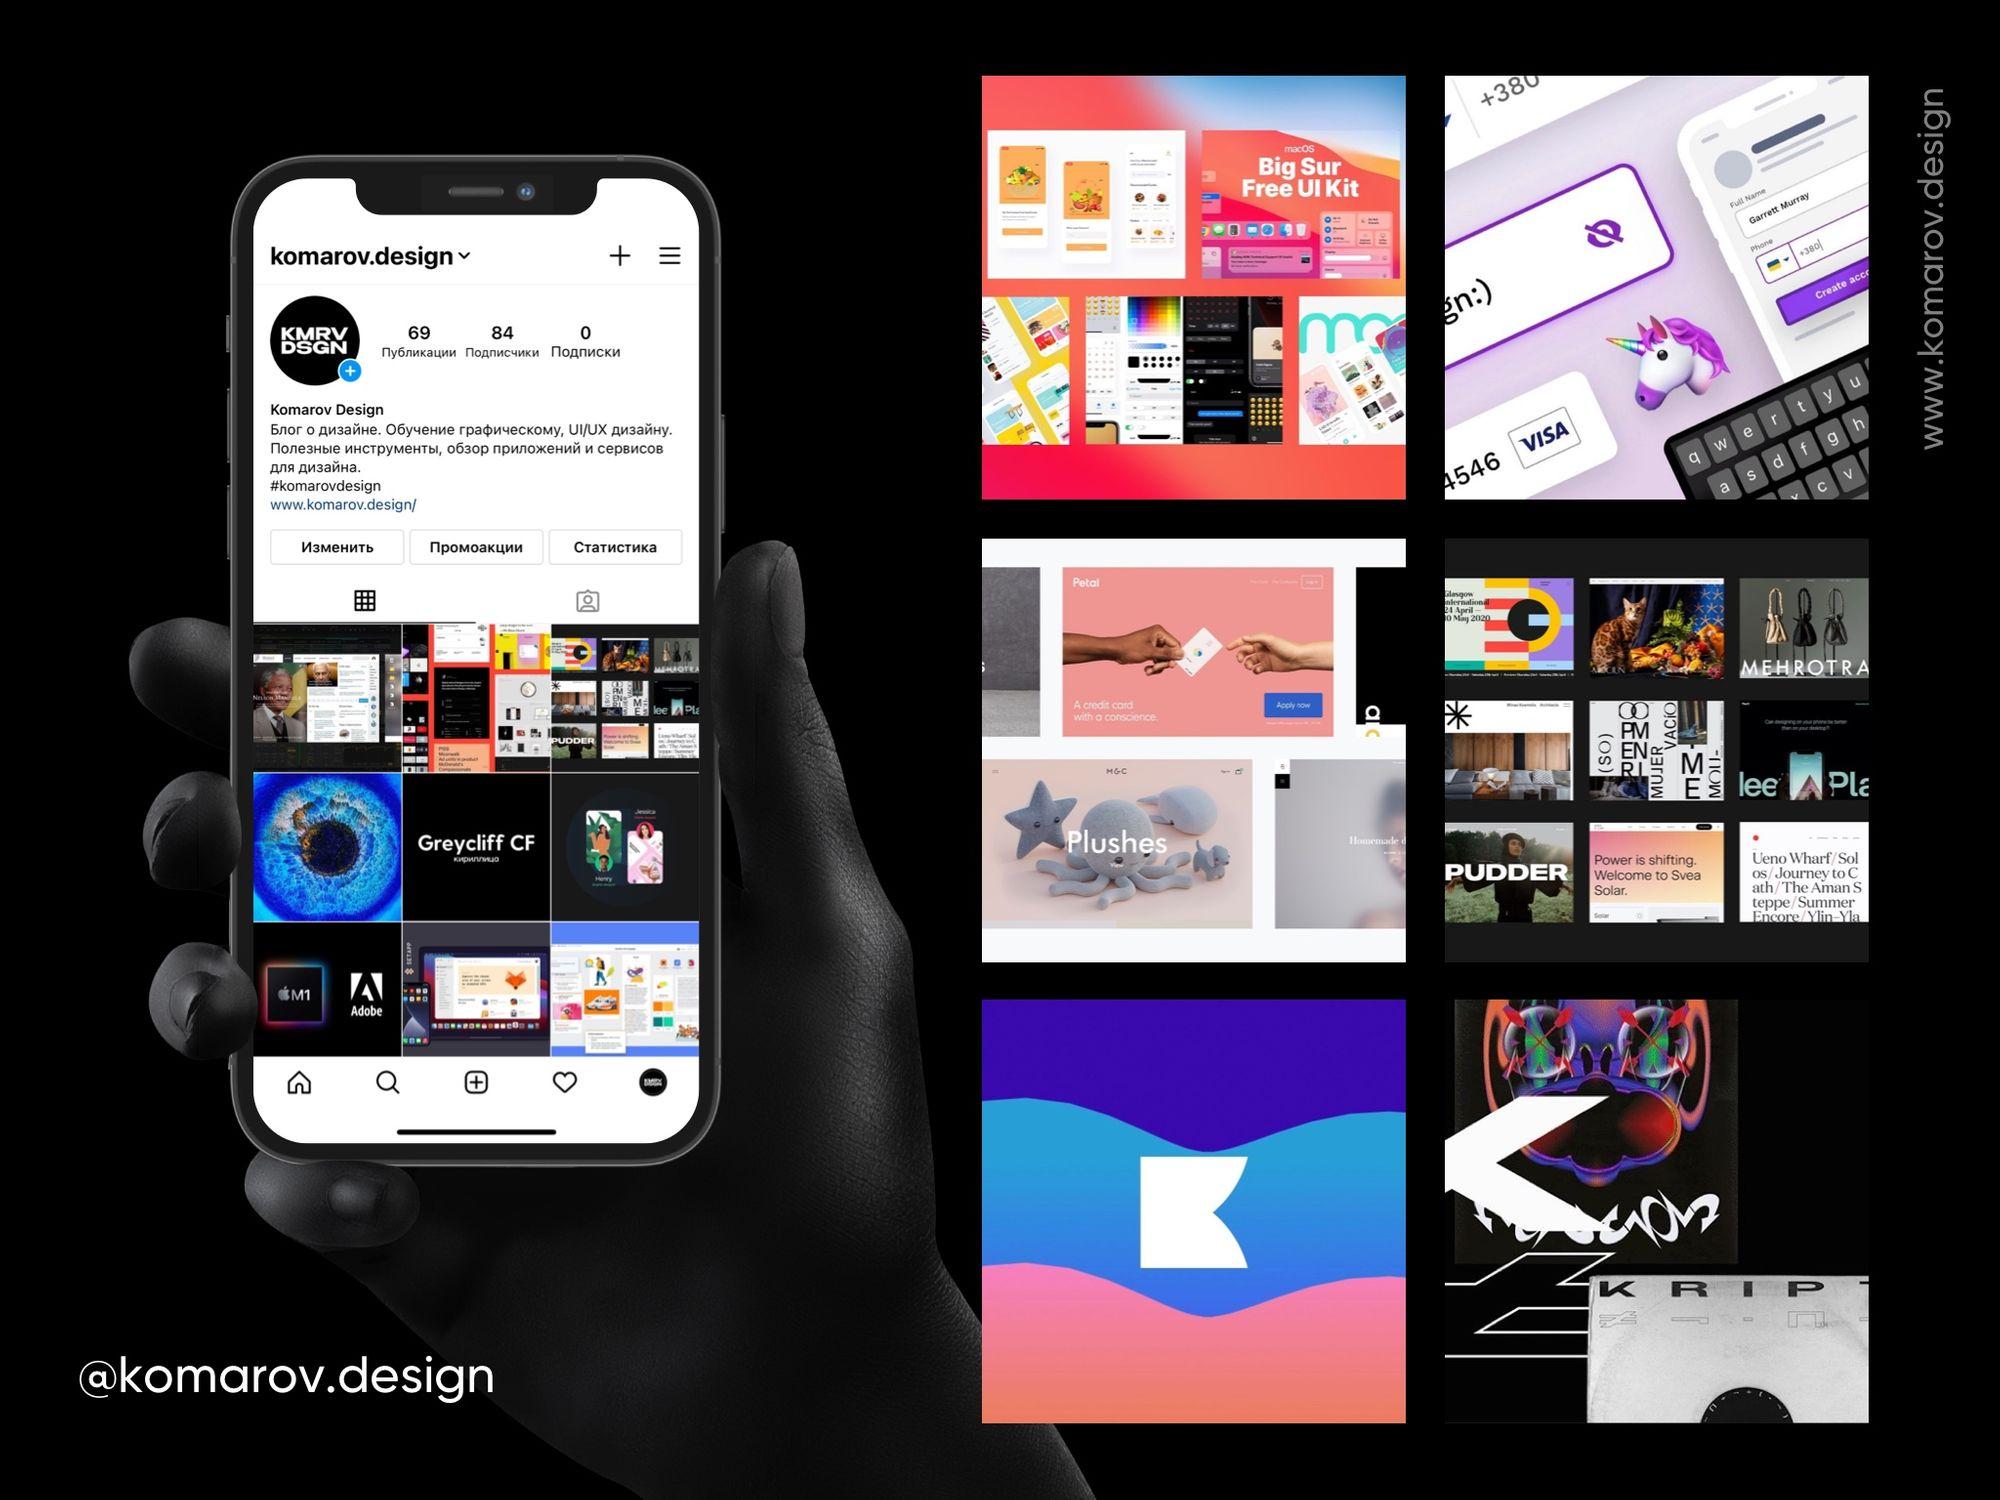 Инстаграм-аккаунт о графическом и UI/UХ дизайне